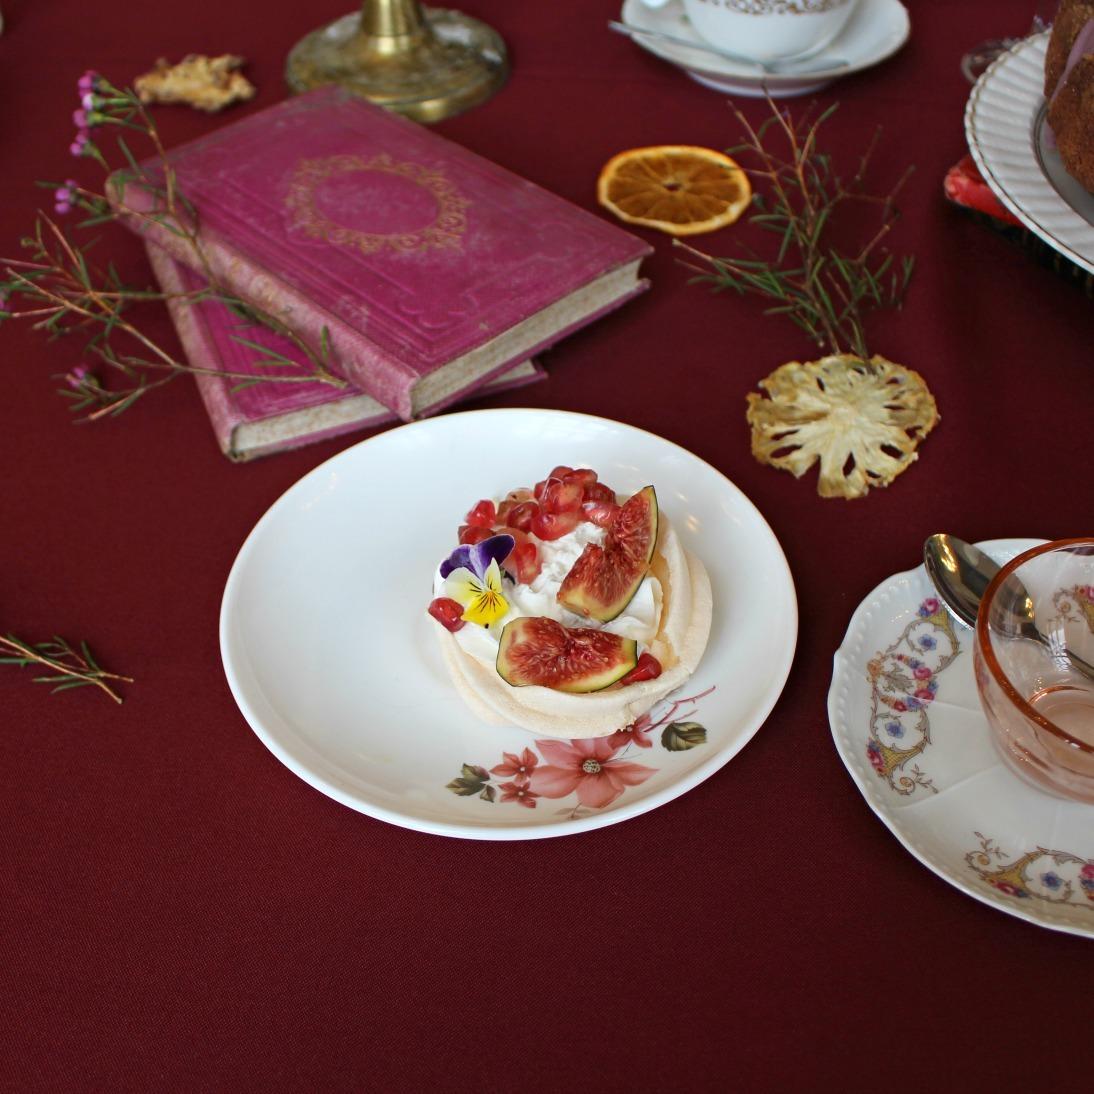 pâtisseries et merveilles de mary cherry montpellier